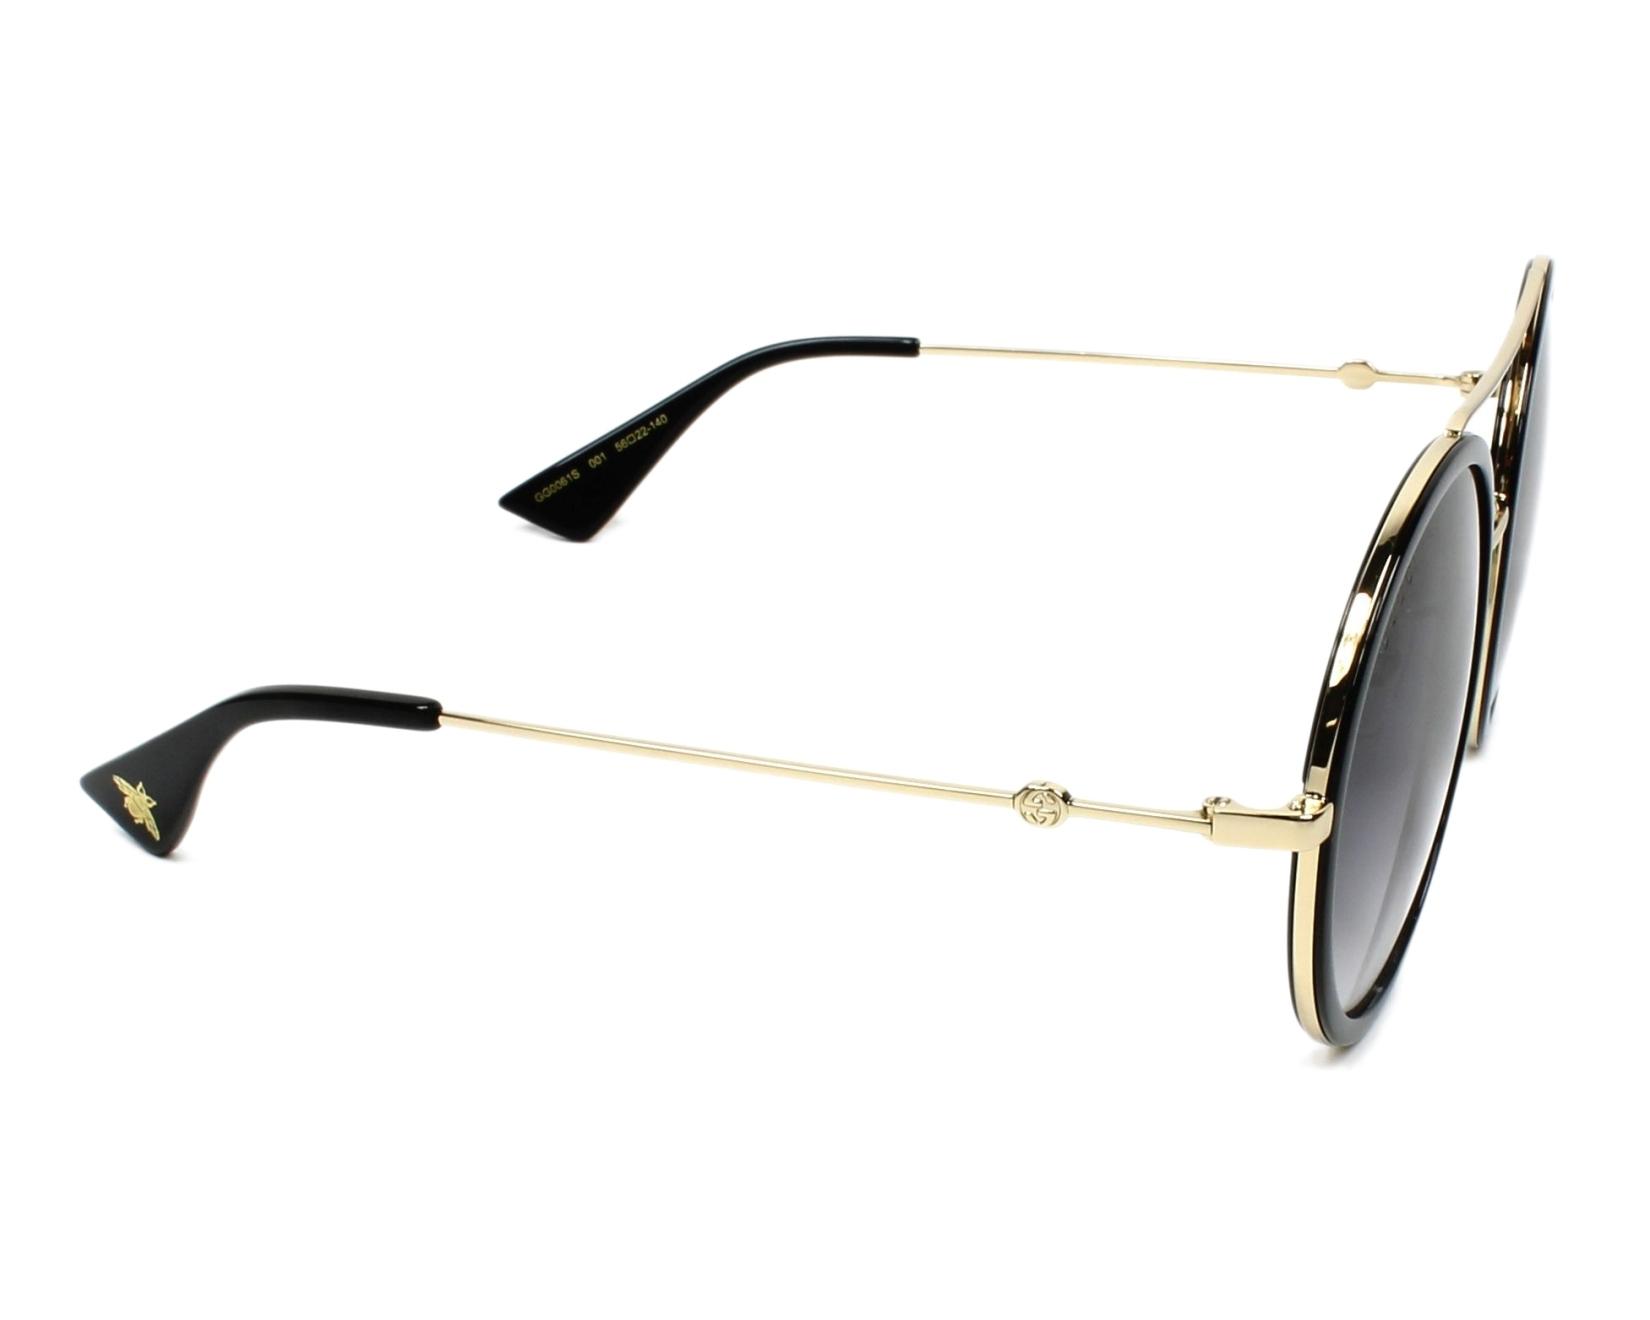 b3f4a61128f Lunettes de soleil Gucci GG-0061-S 001 56-22 Noir Or vue